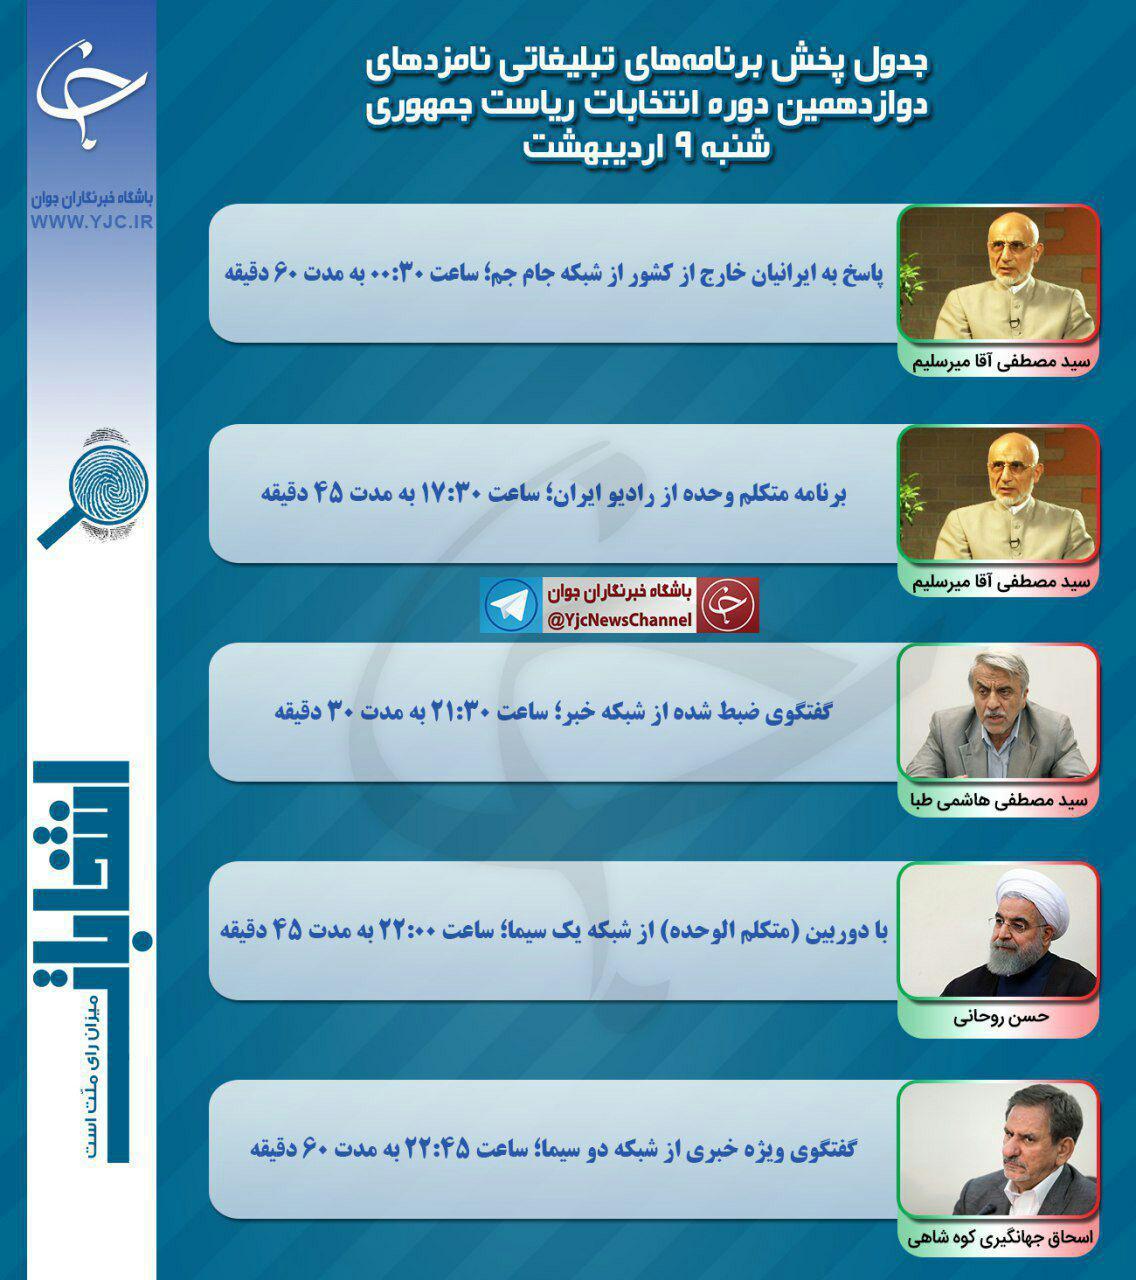 شنبه برنامه نامزدهاي رياست جمهوري در صدا و سيما